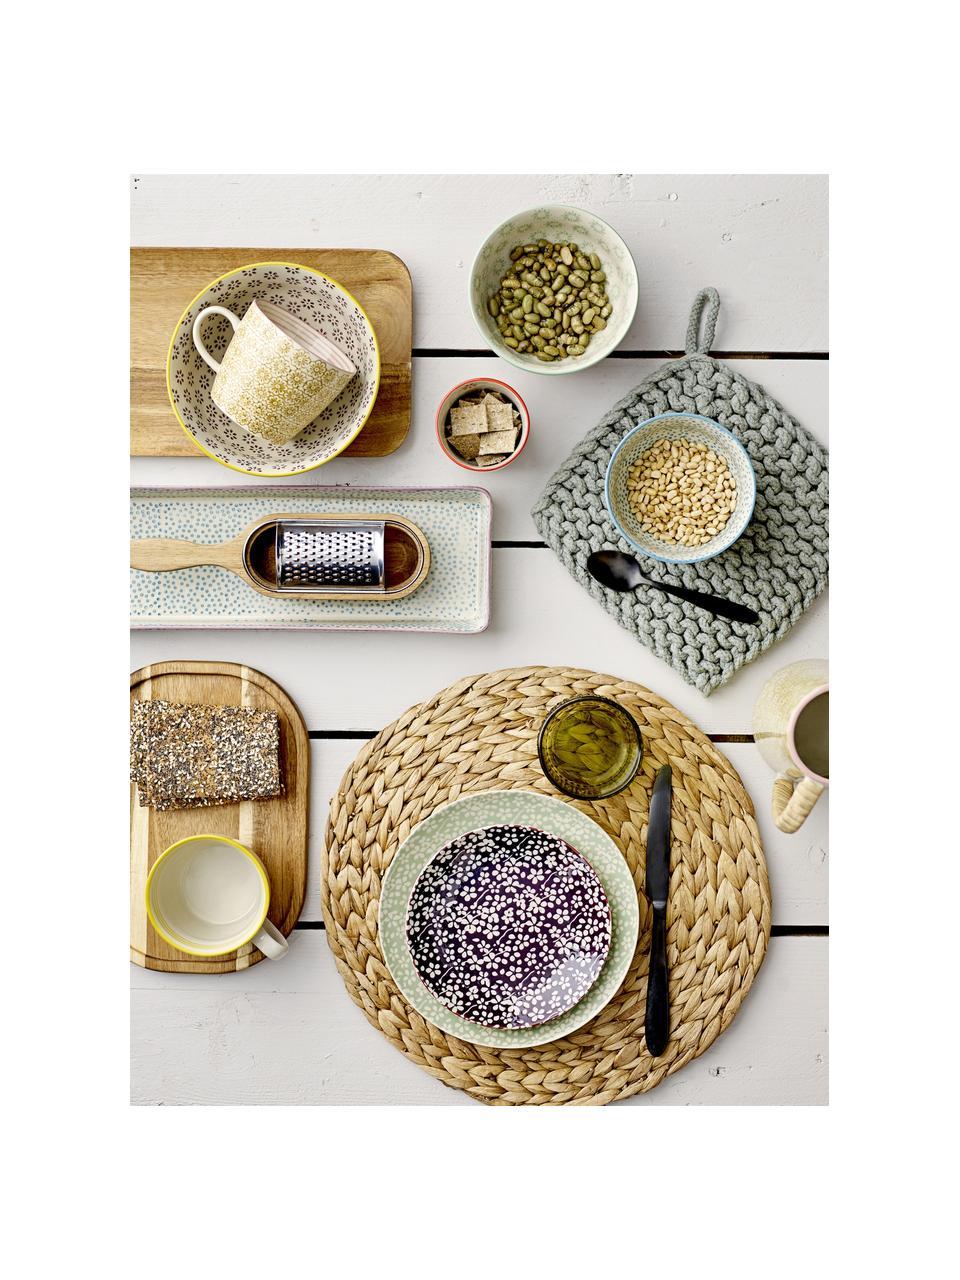 Küchenreiben-Set Acci aus Akazienholz und Edelstahl, 2-tlg., Reibe: Edelstahl, Auffangbehälter: Akazienholz, Akazienholz, Edelstahl, B 25 x T 7 cm